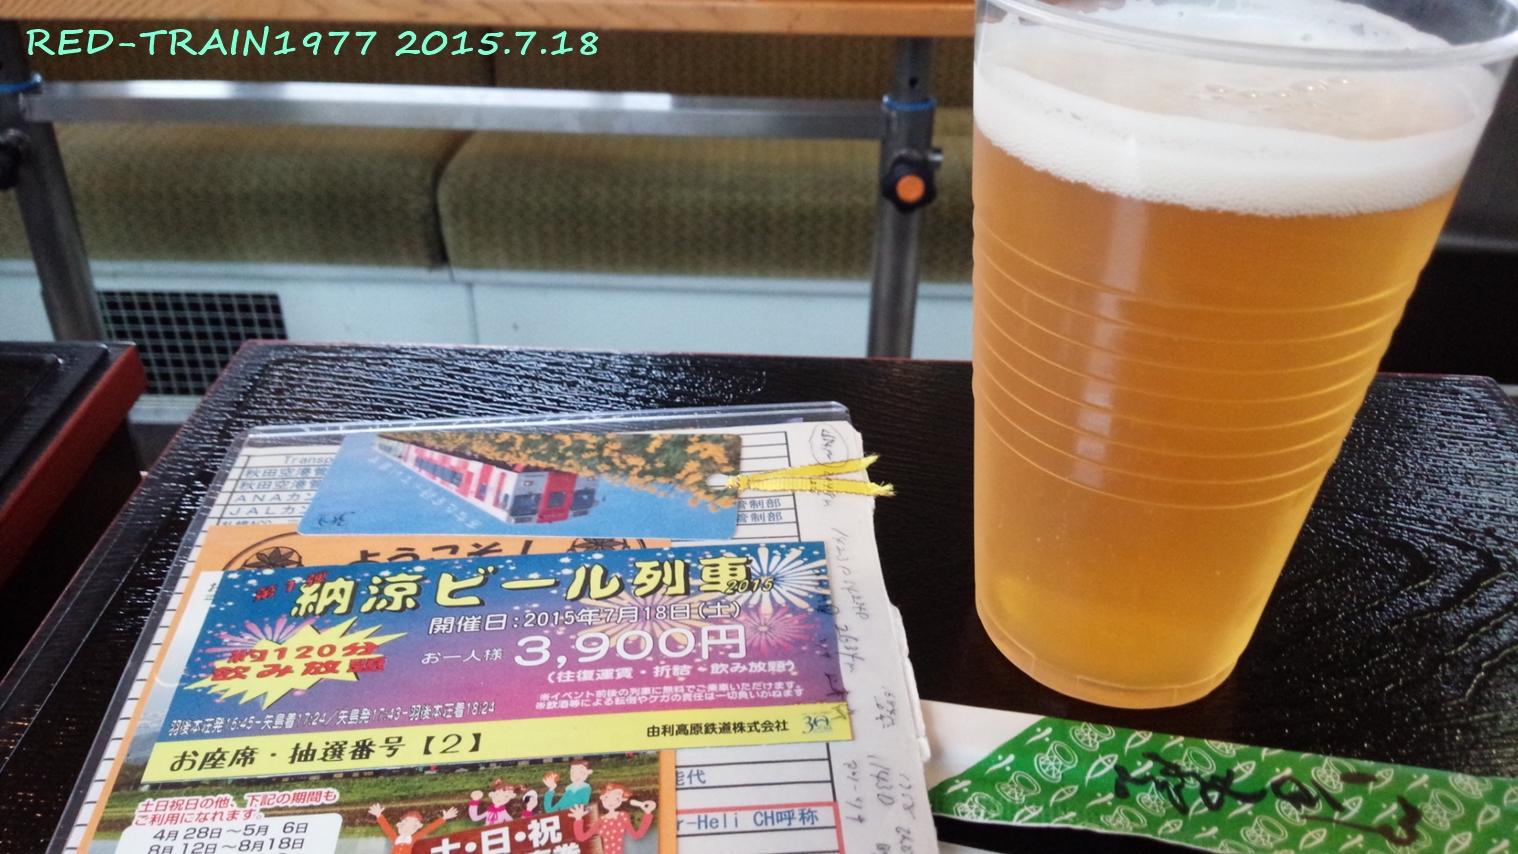 20150718_163732.jpg